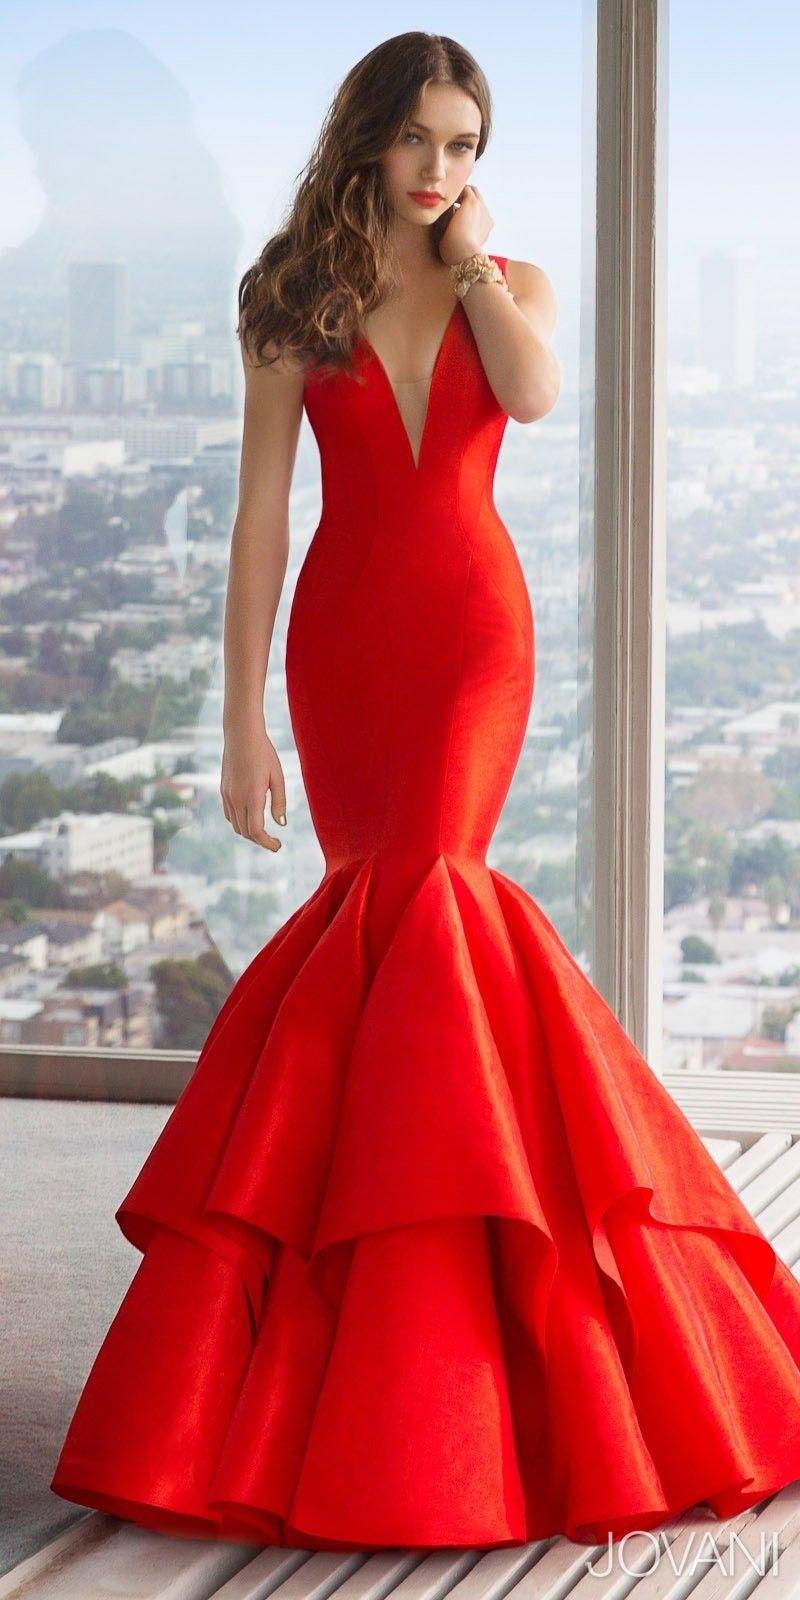 Vneck taffeta mermaid prom dress by jovani civil dress